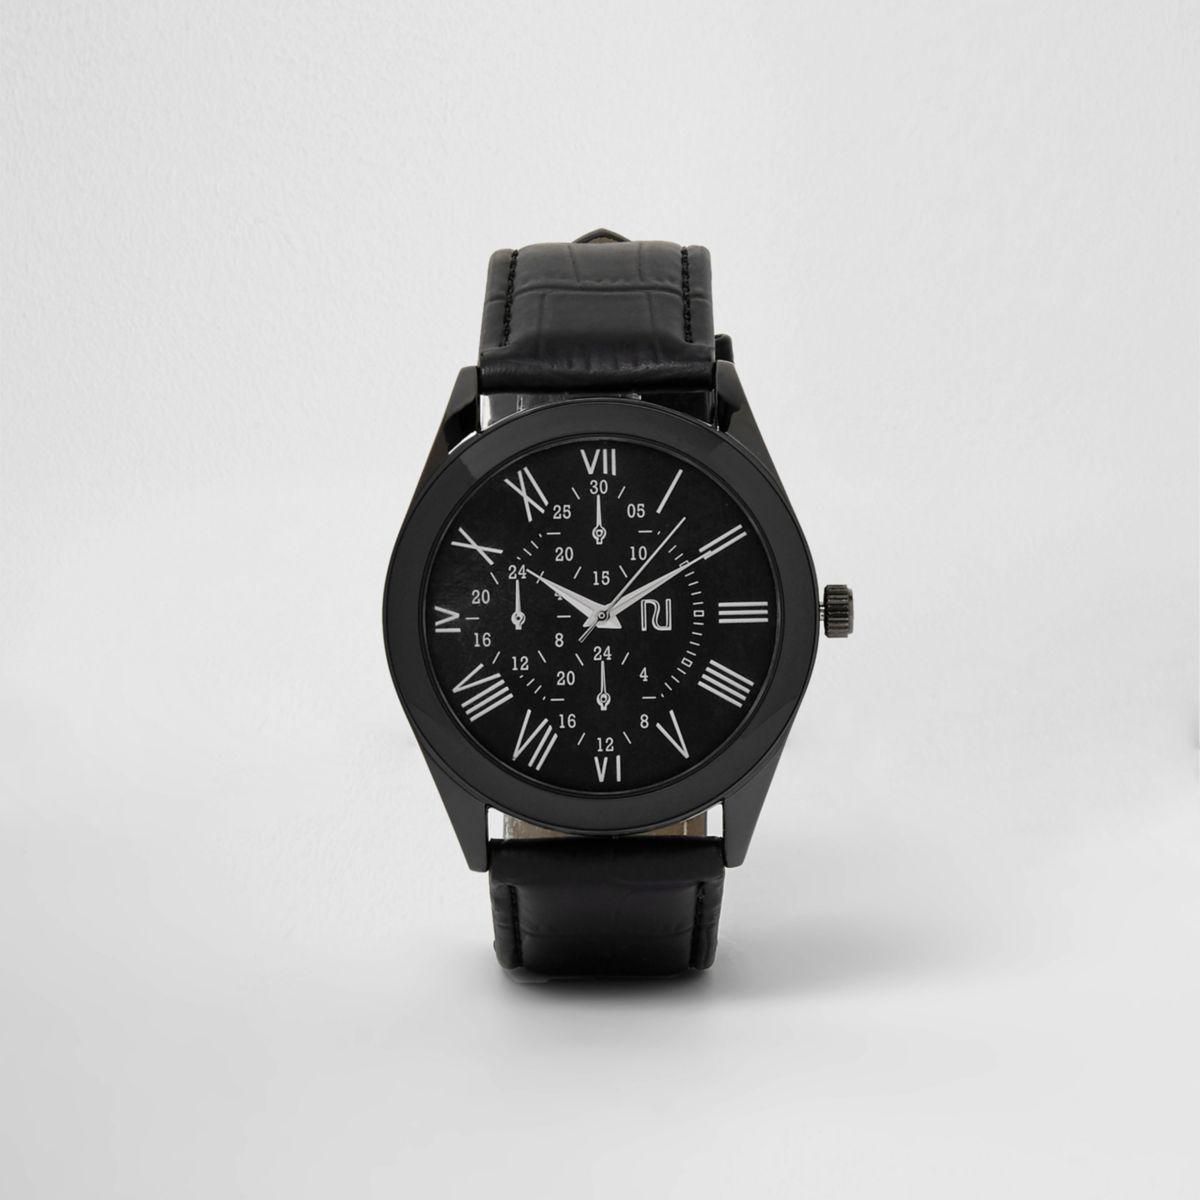 Zwart horloge met ronde wijzerplaat en bandje met krokodillenprint in reliëf